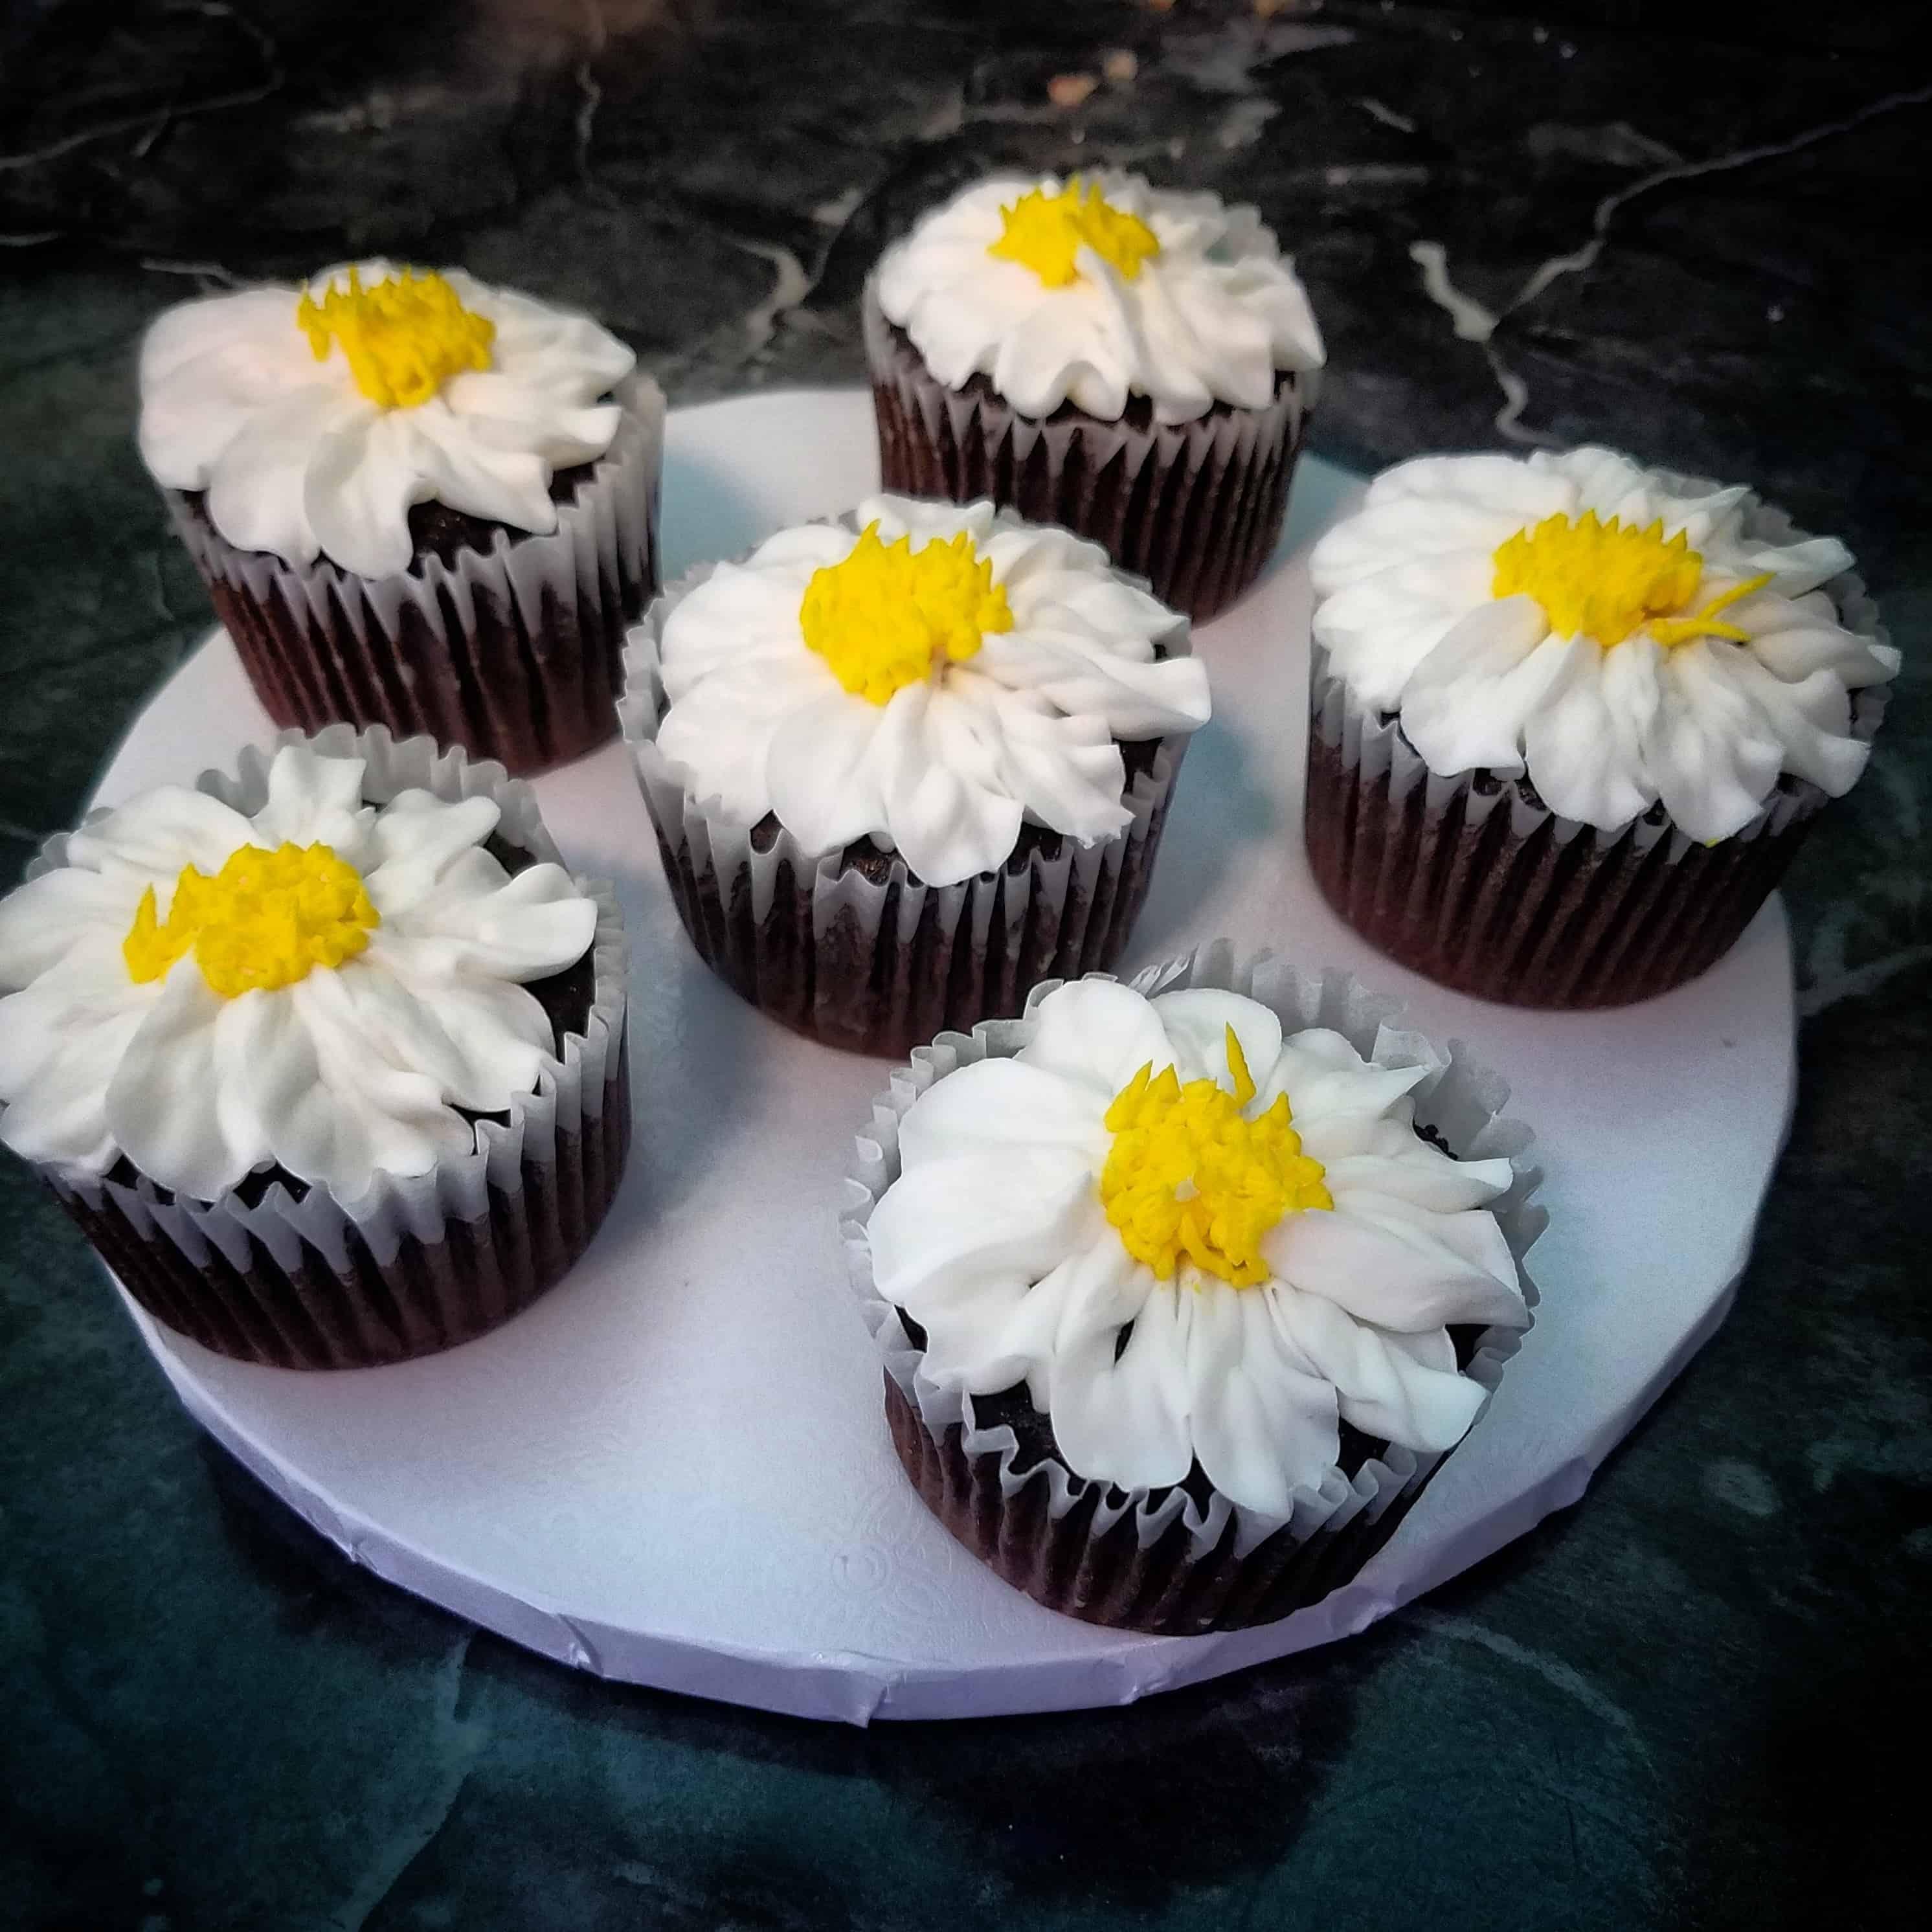 The Makery Cake Company Daisy Flower Cupcakes